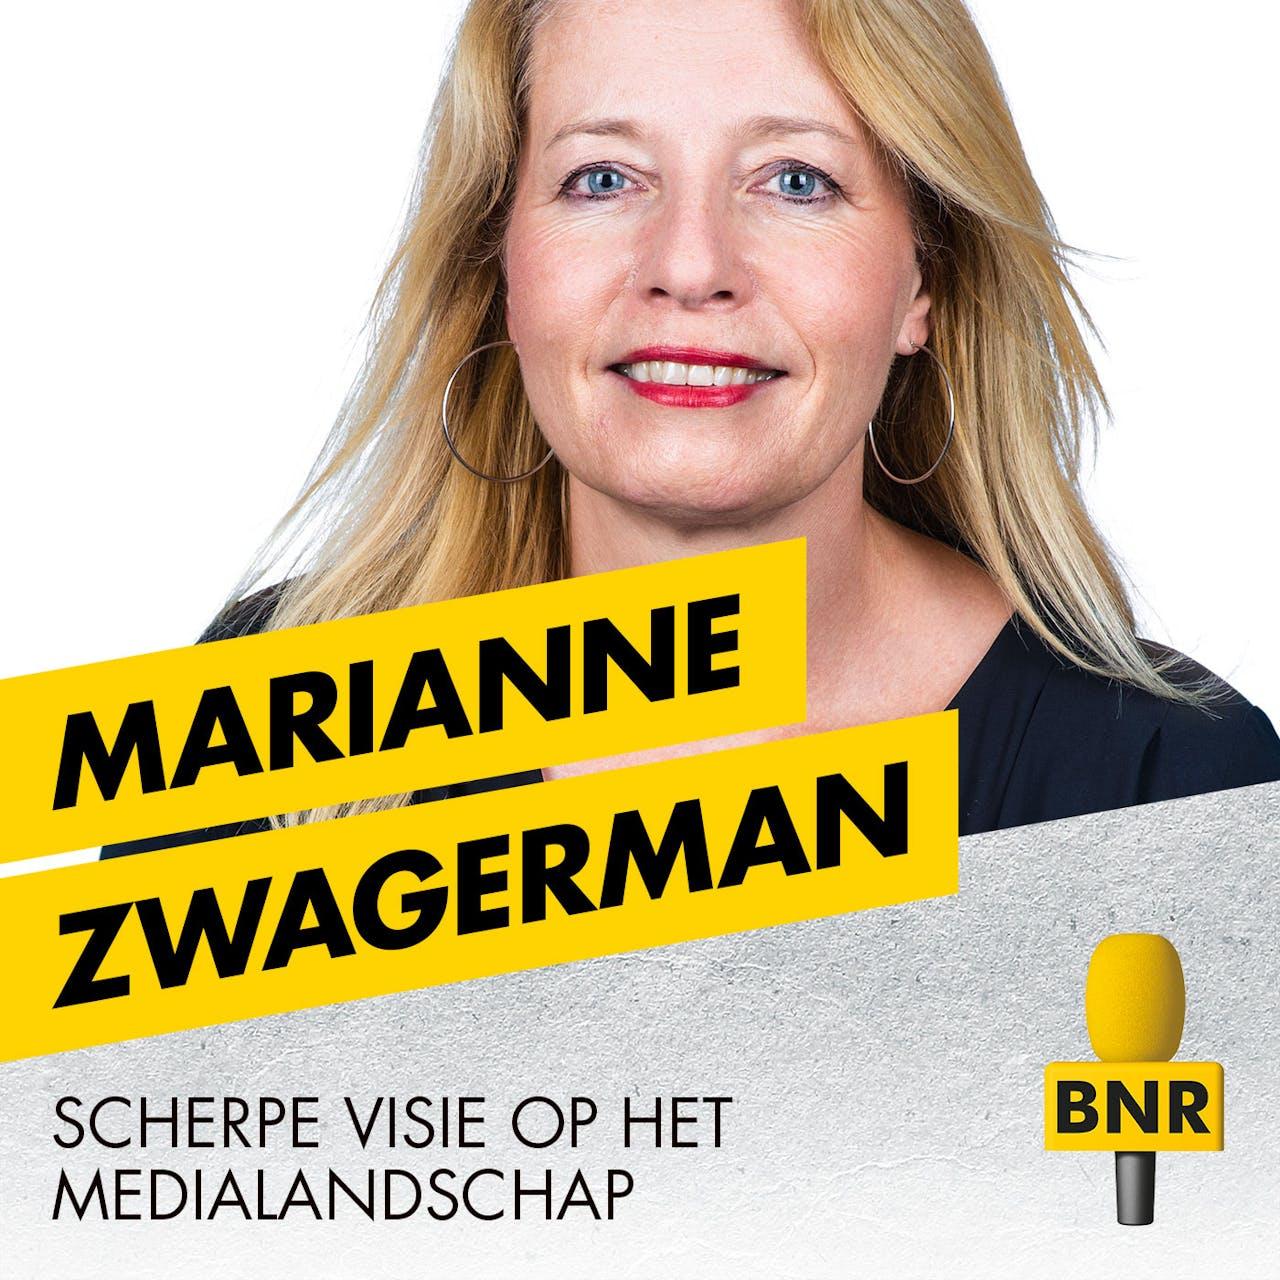 Marianne Zwagerman